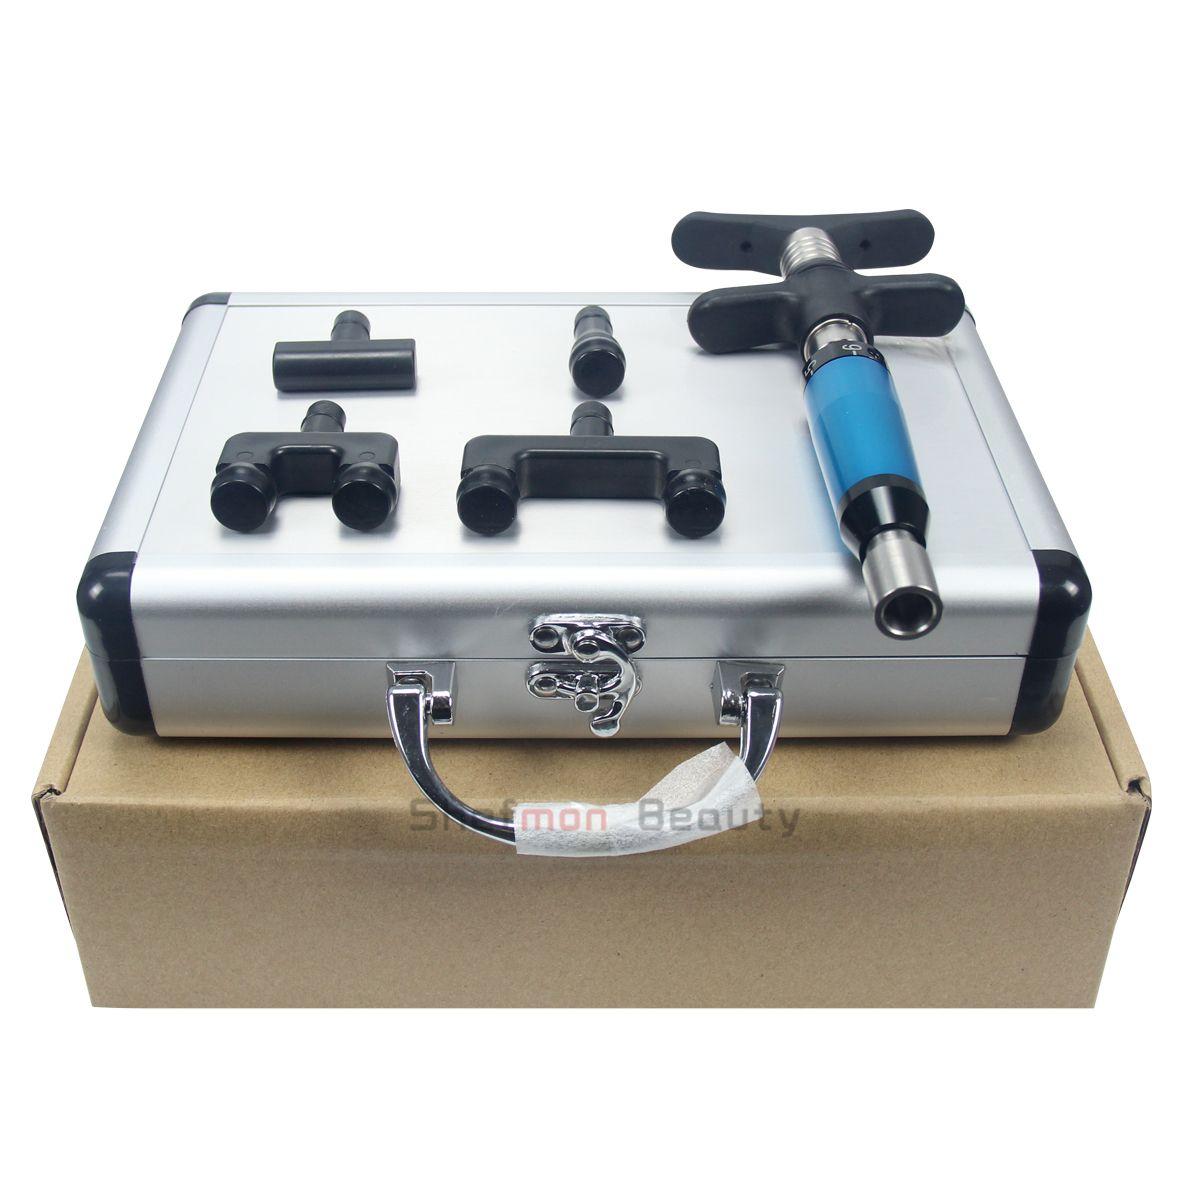 Manuel Chiropratique 4 Têtes Ajustage Chiropratique Correction Instrument Gun Activator Massager / régleur impulsion pour usage personnel clinique